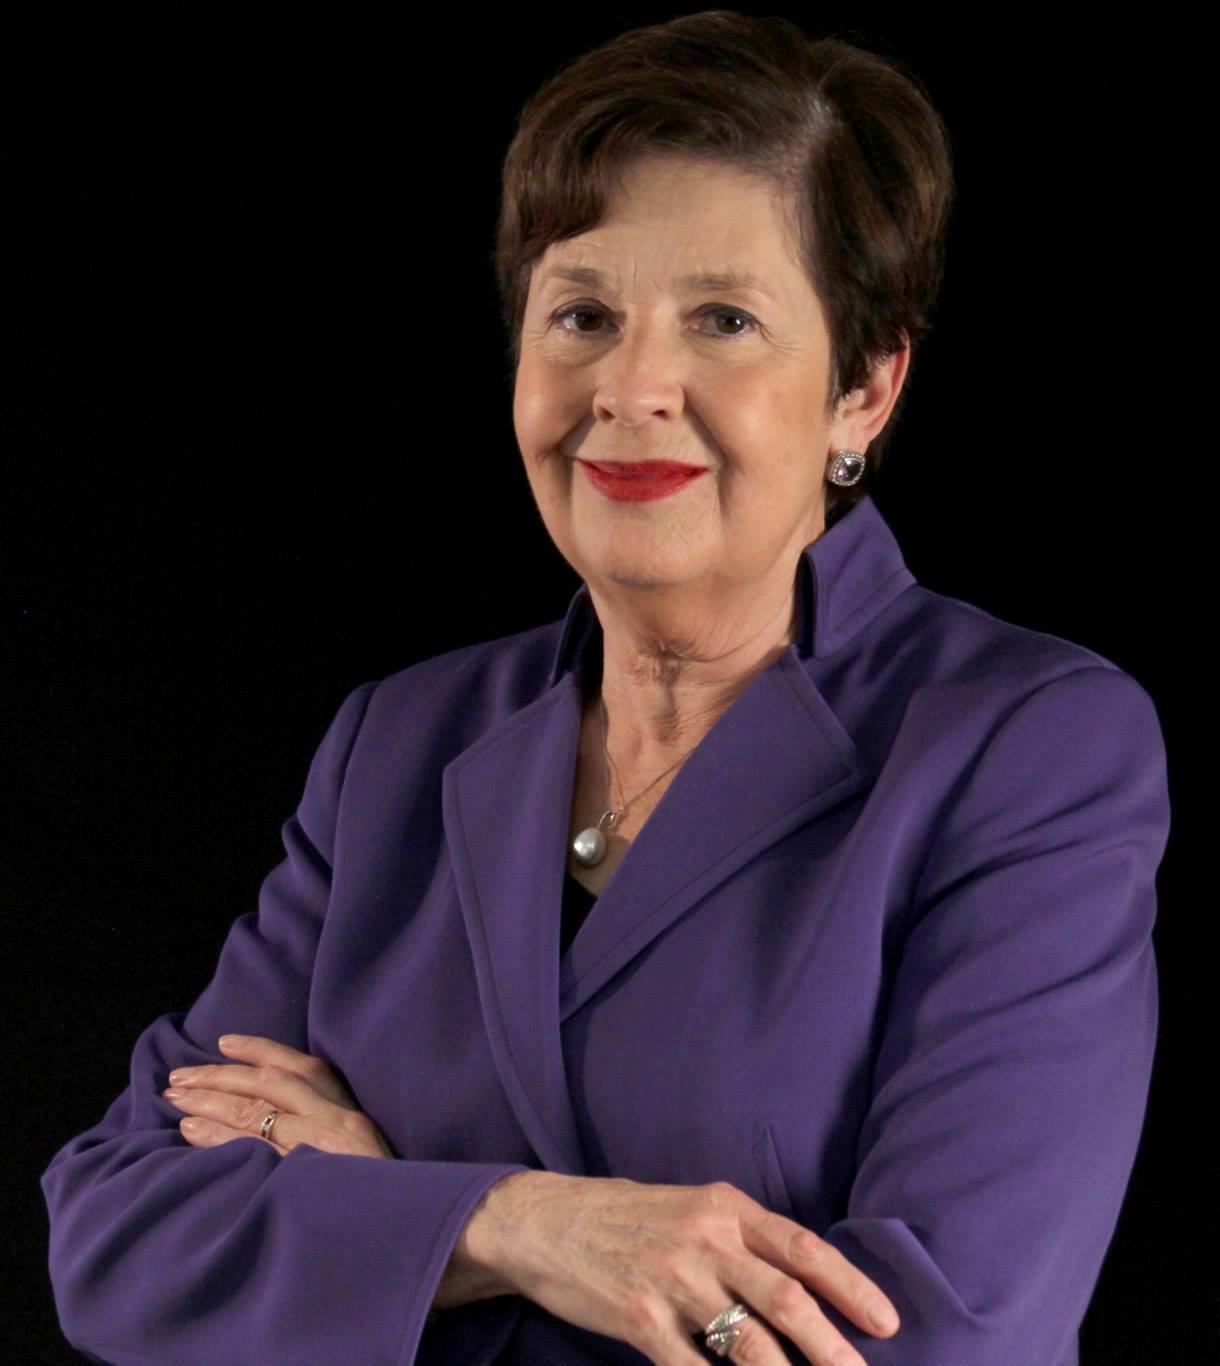 Aida-Alvarez-speaker